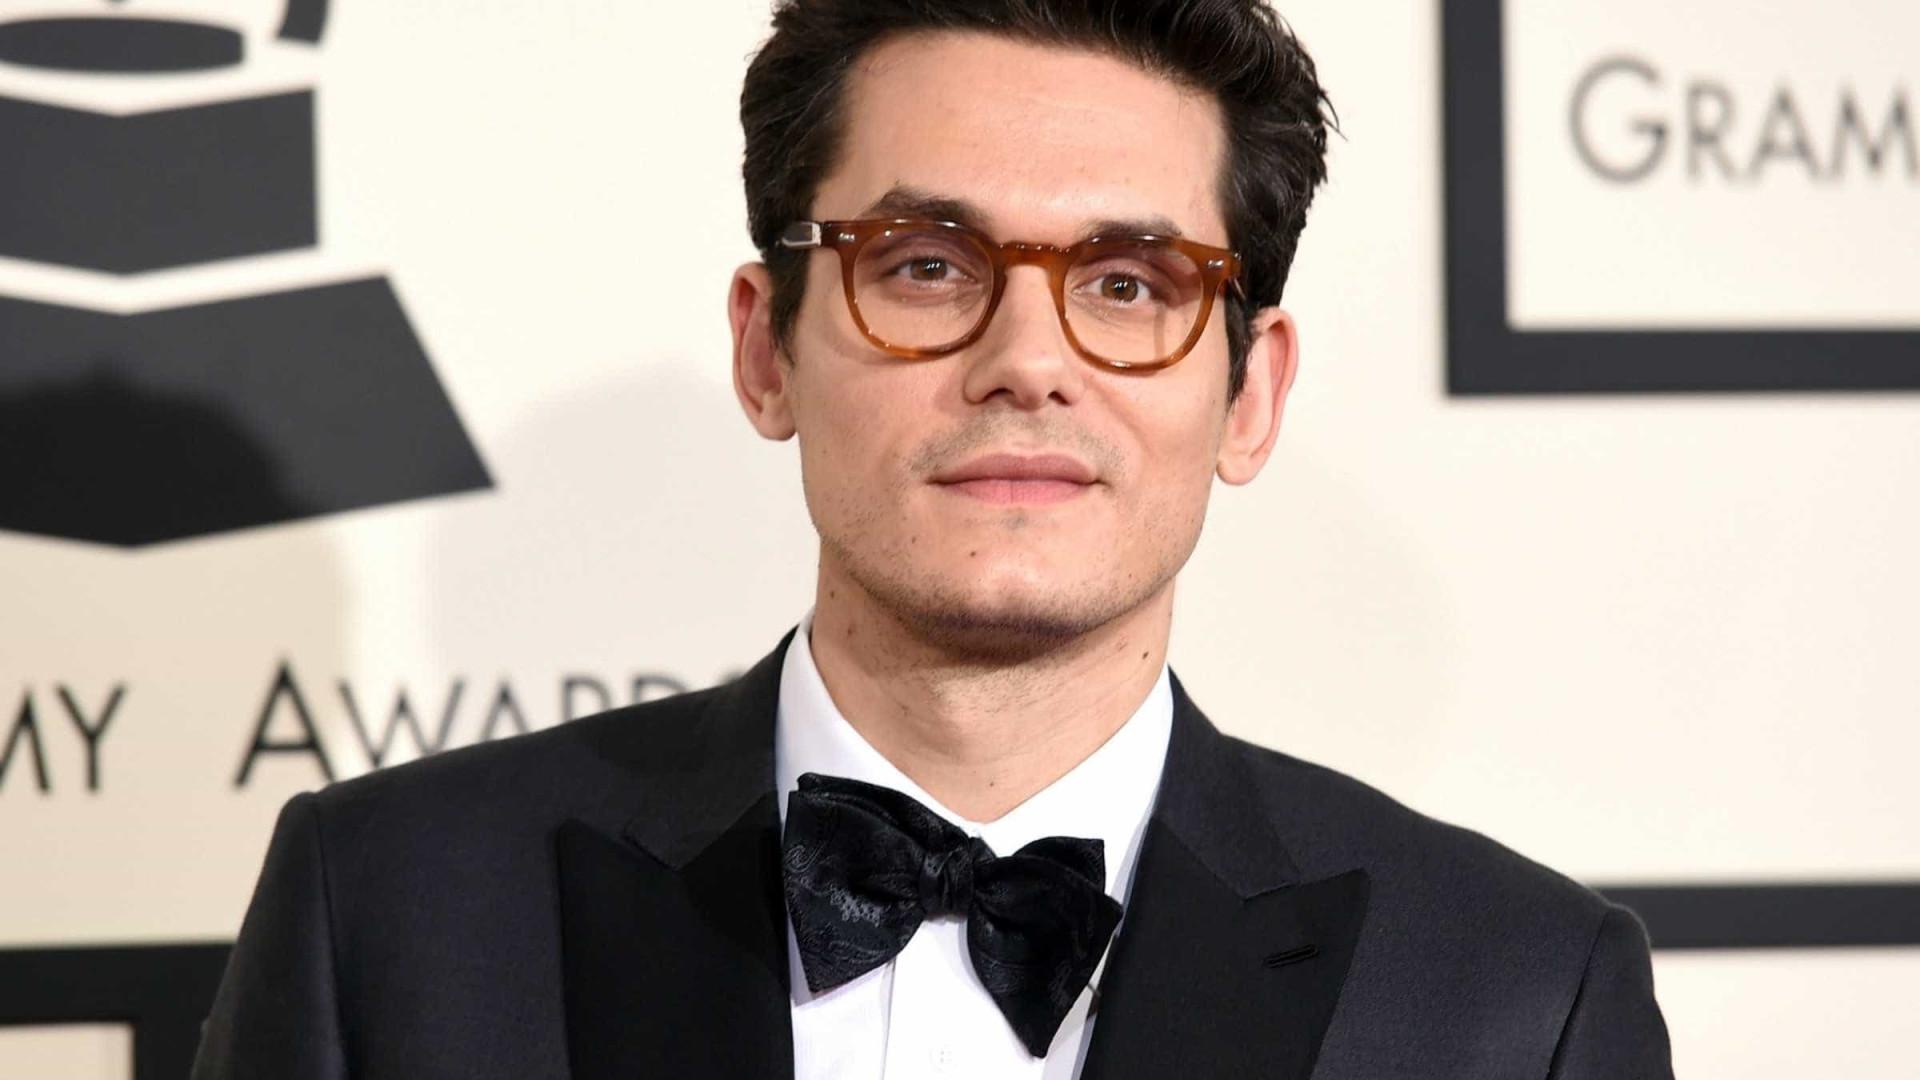 Casa de John Mayer assaltada. Ator perdeu mais de 87 mil euros